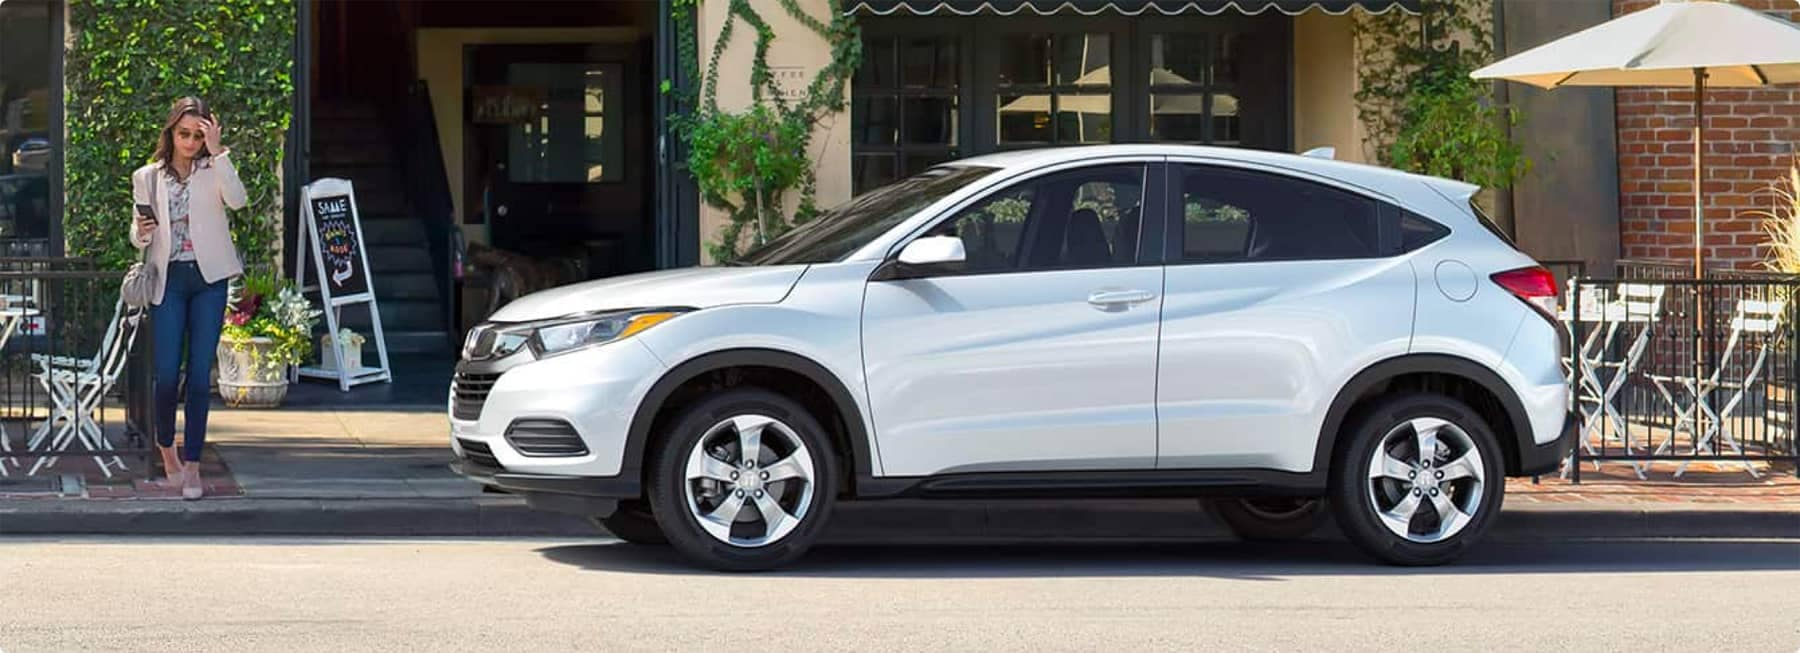 Honda SUV parked outside